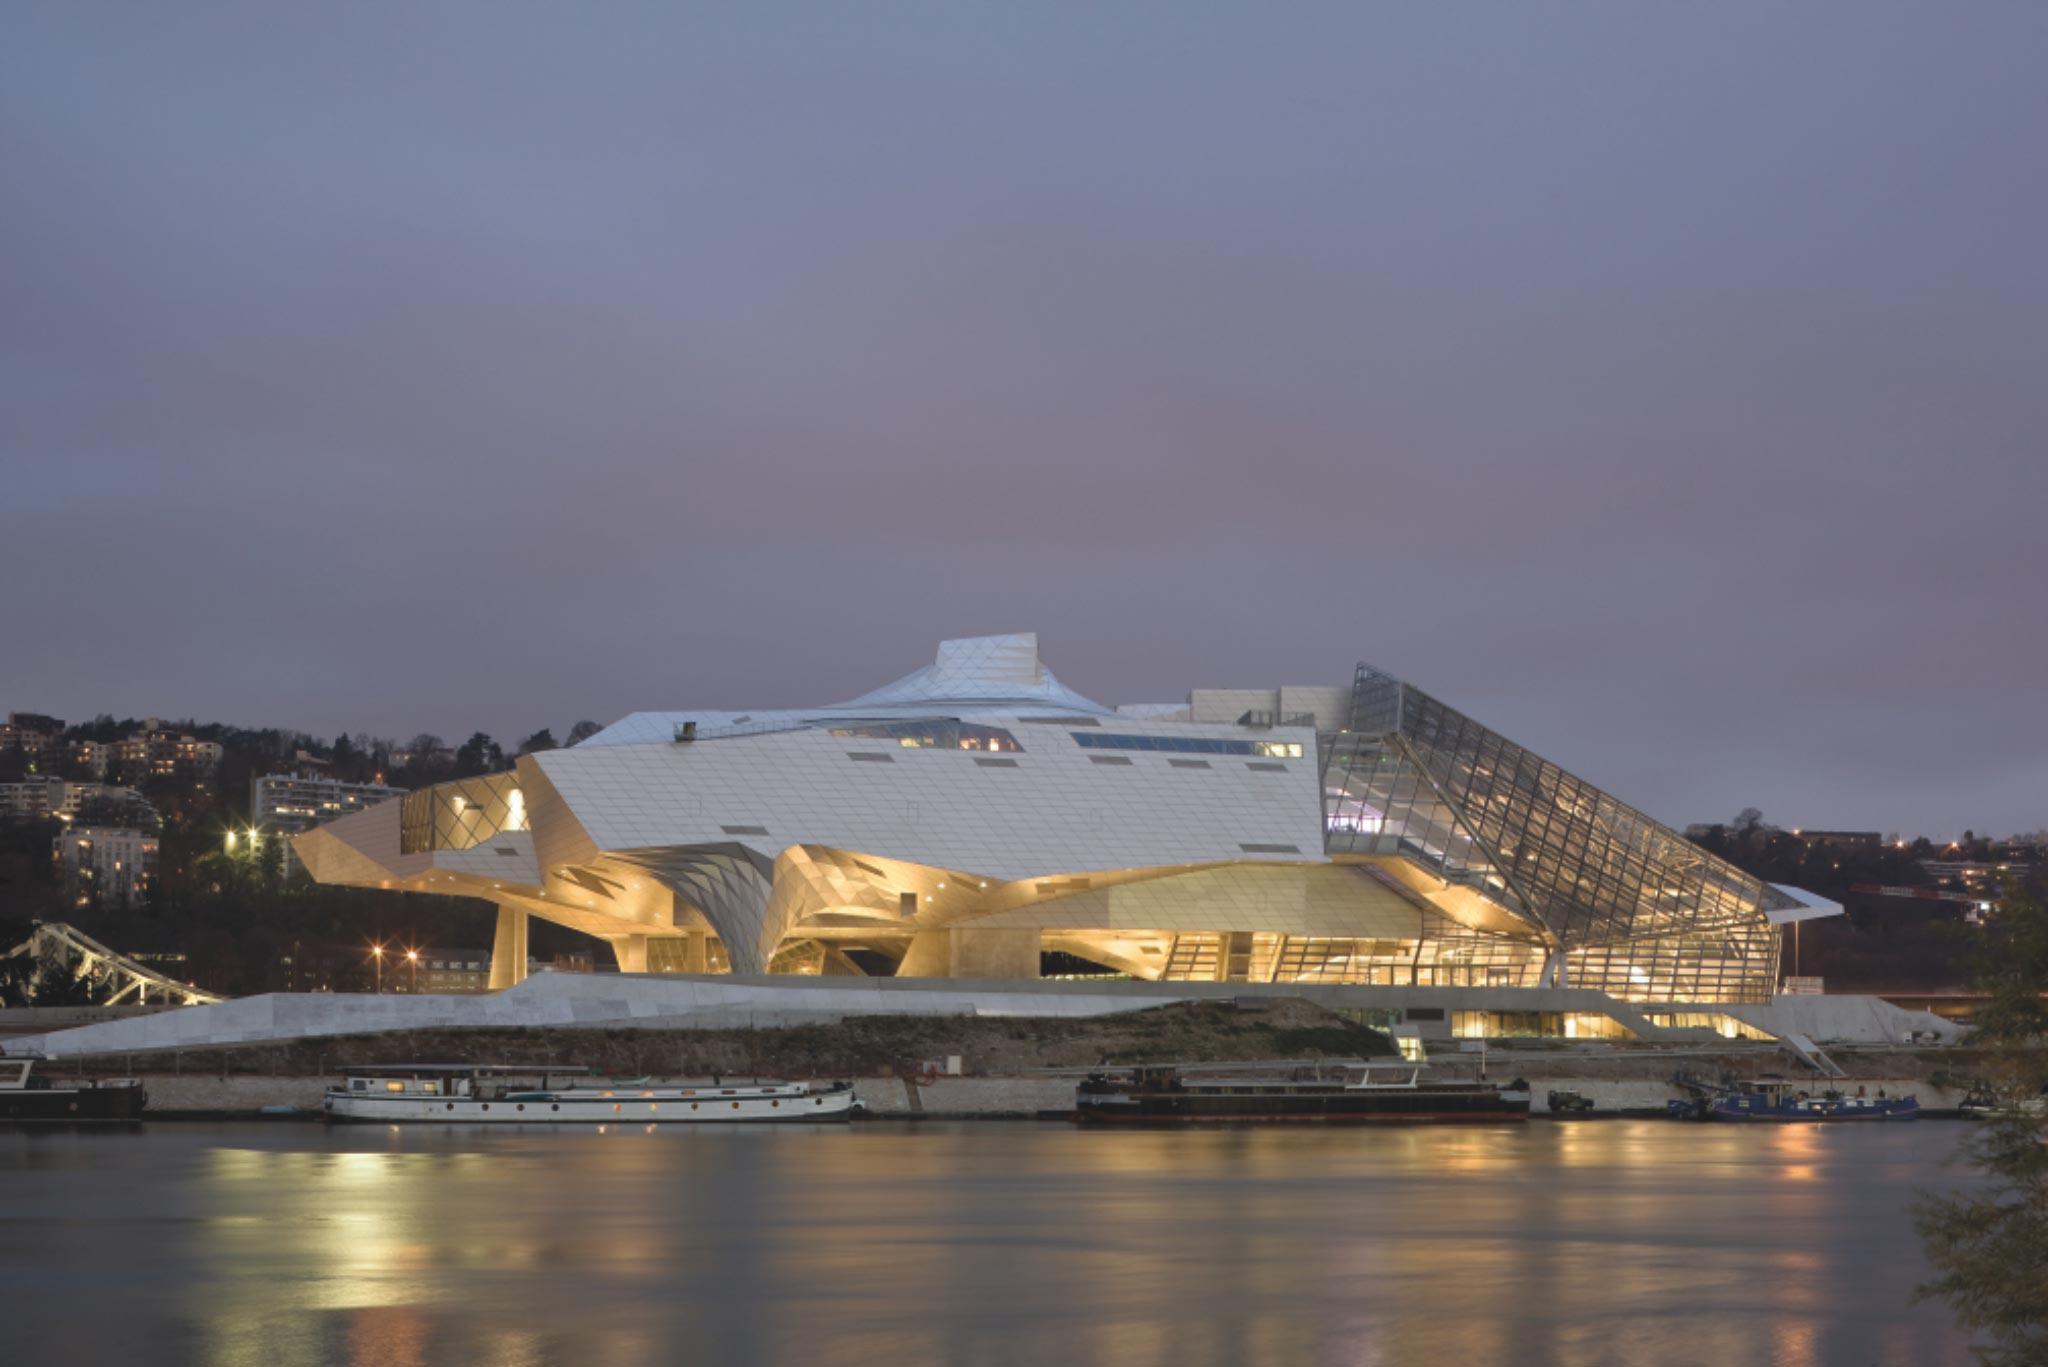 Musée des Confluences, Lyon, France: photo credit © Duccio Malagamba